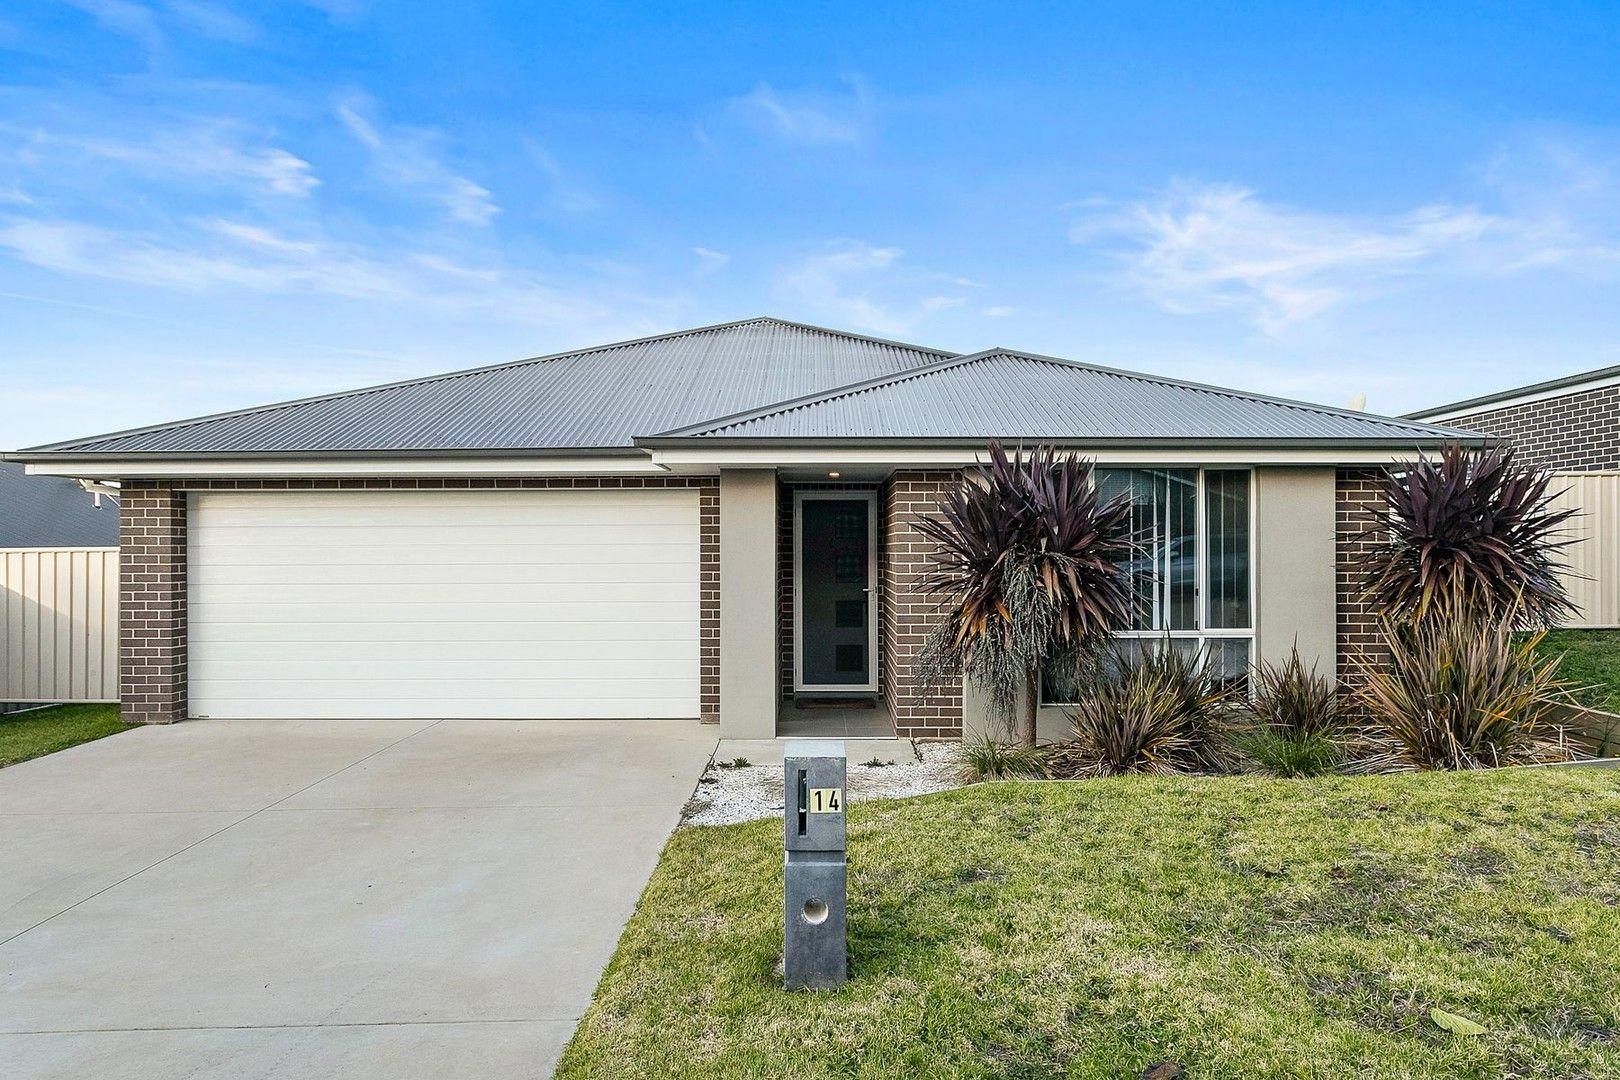 14 Dimboola Way, Orange NSW 2800, Image 0